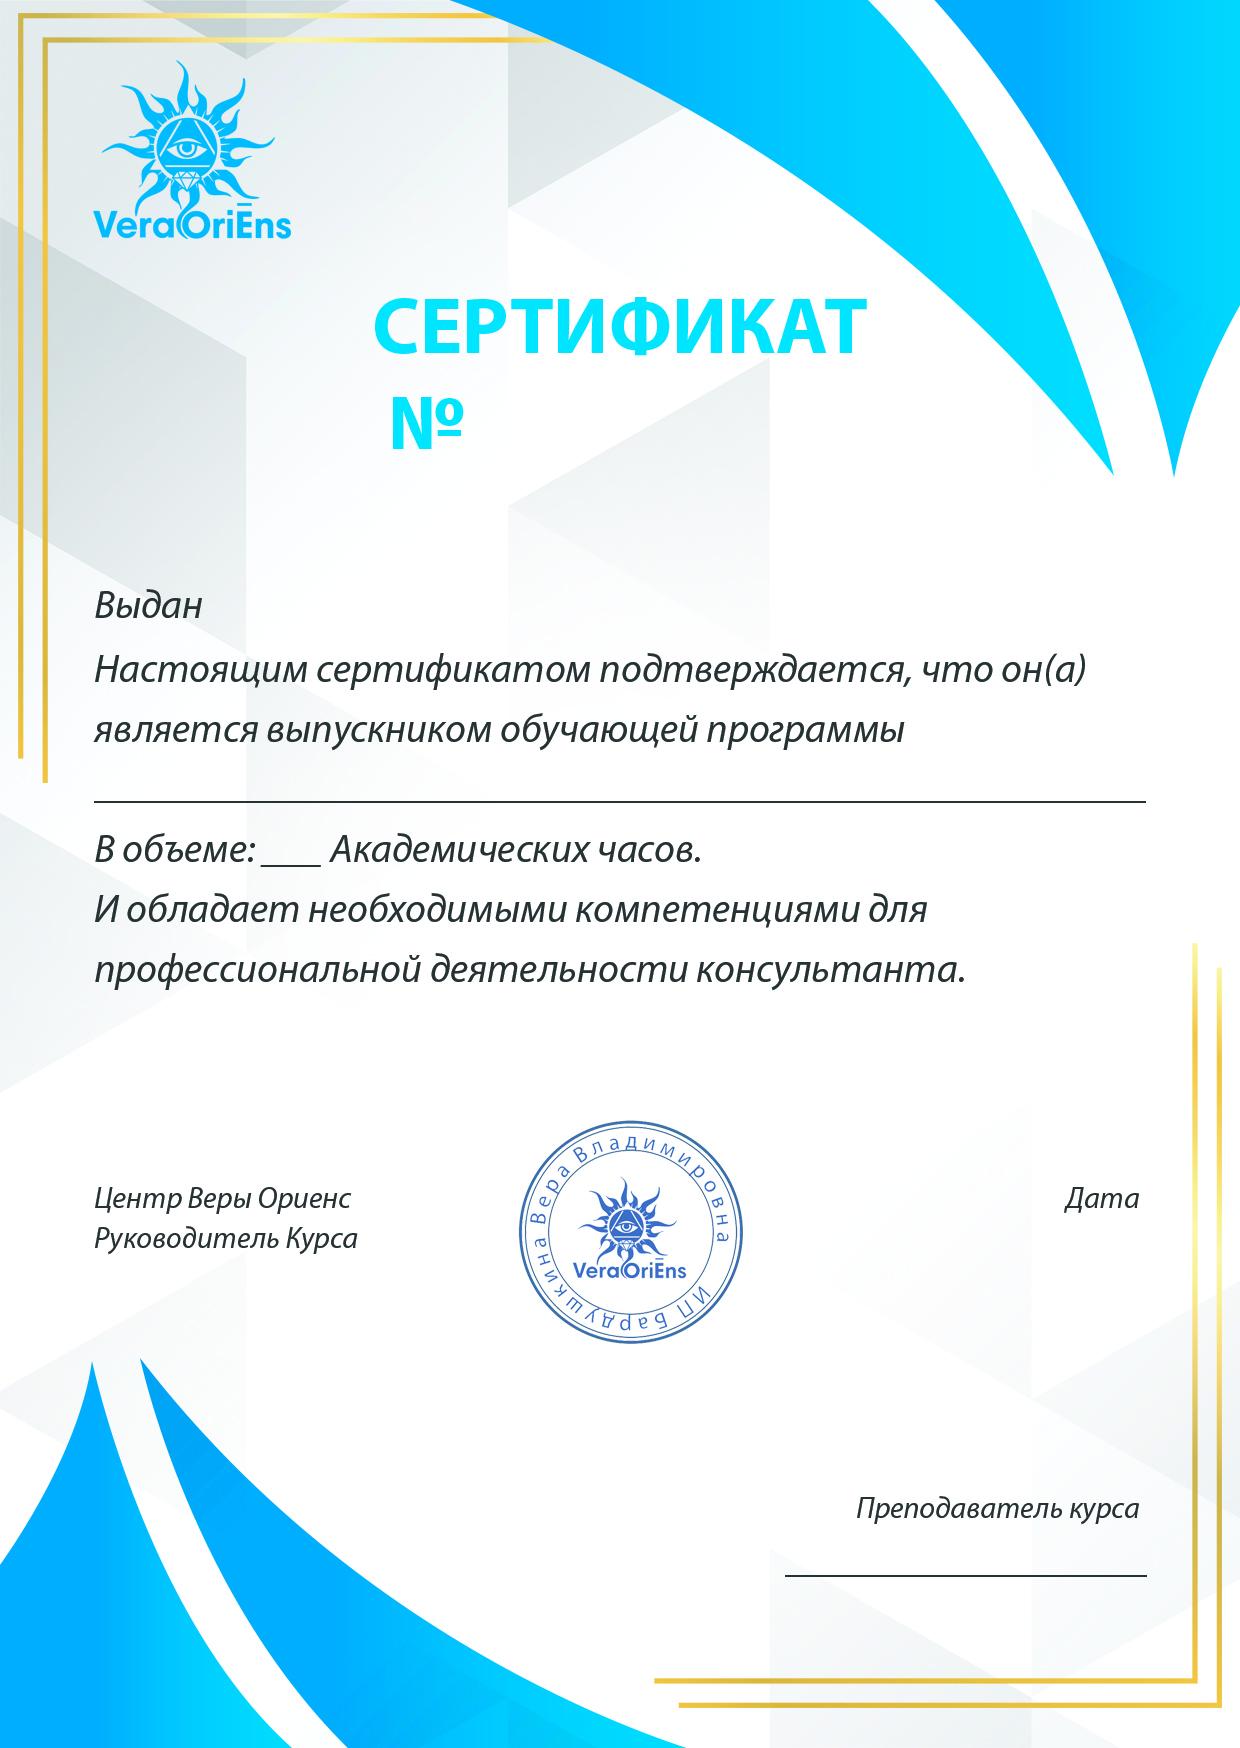 Сертификат в 1 строку